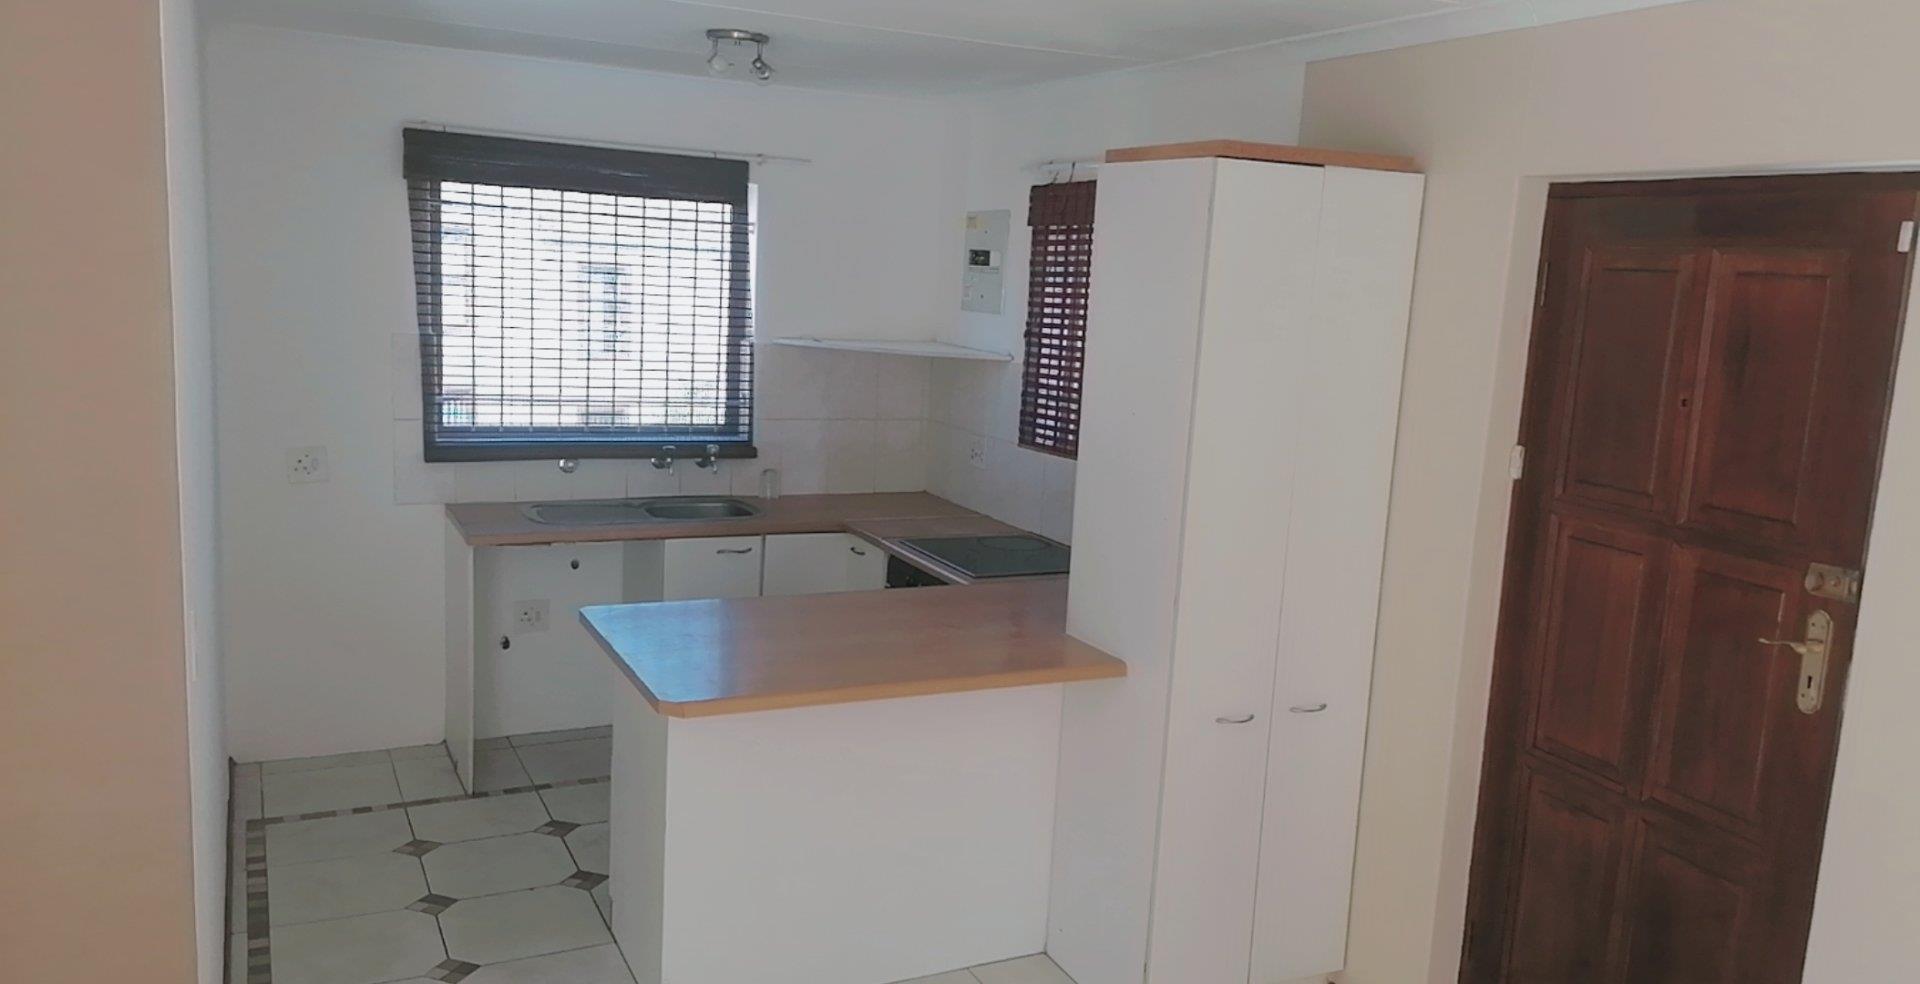 Apartment Rental Monthly in De Tijger